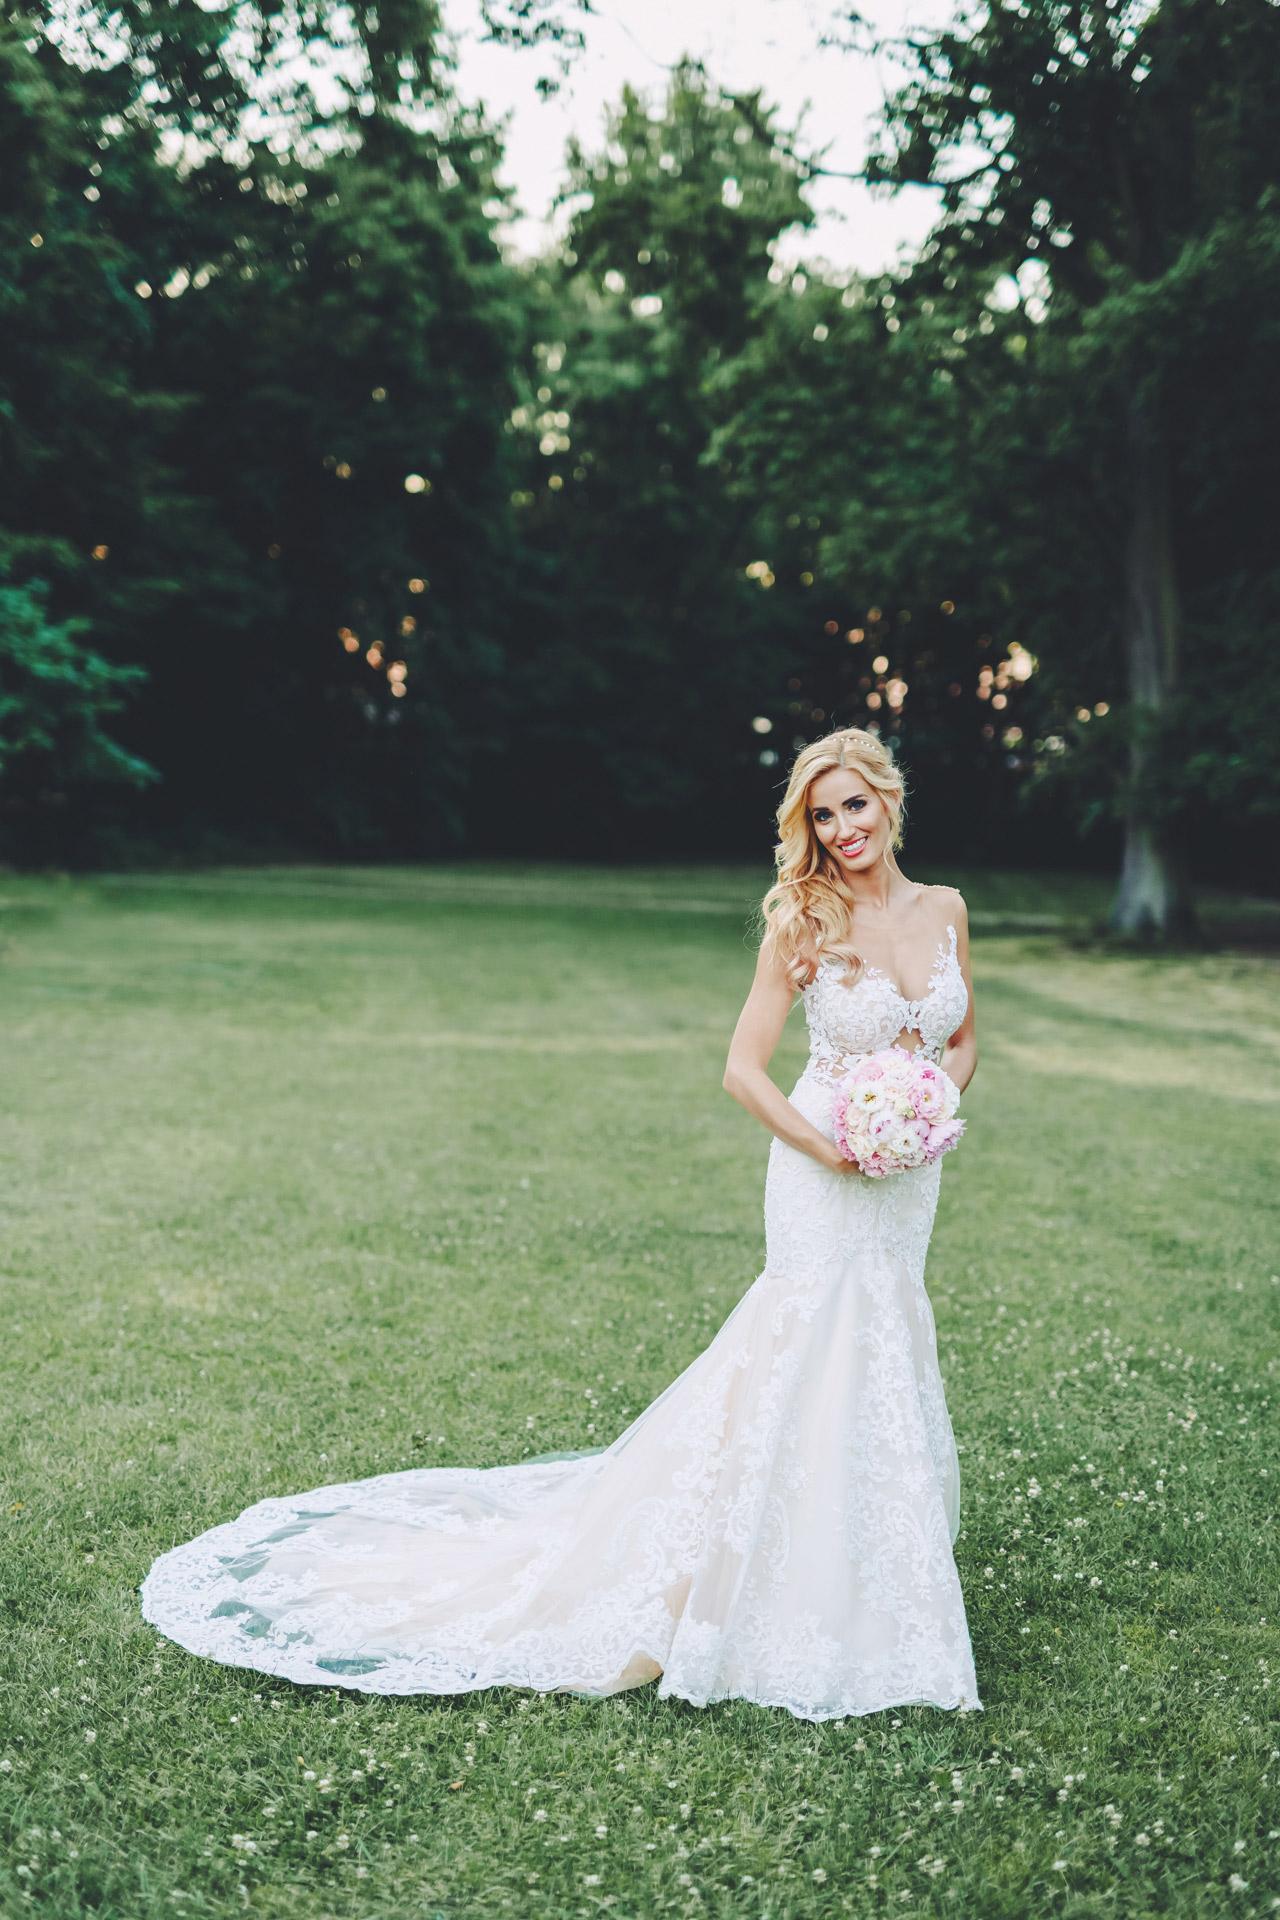 panna młoda 2021, suknia ślubna, fotografia ślubna, płac Tłokinia, ślub i wesele, fotografia i film ślubny, zdjęcia ślubne, fotograf wielkopolska